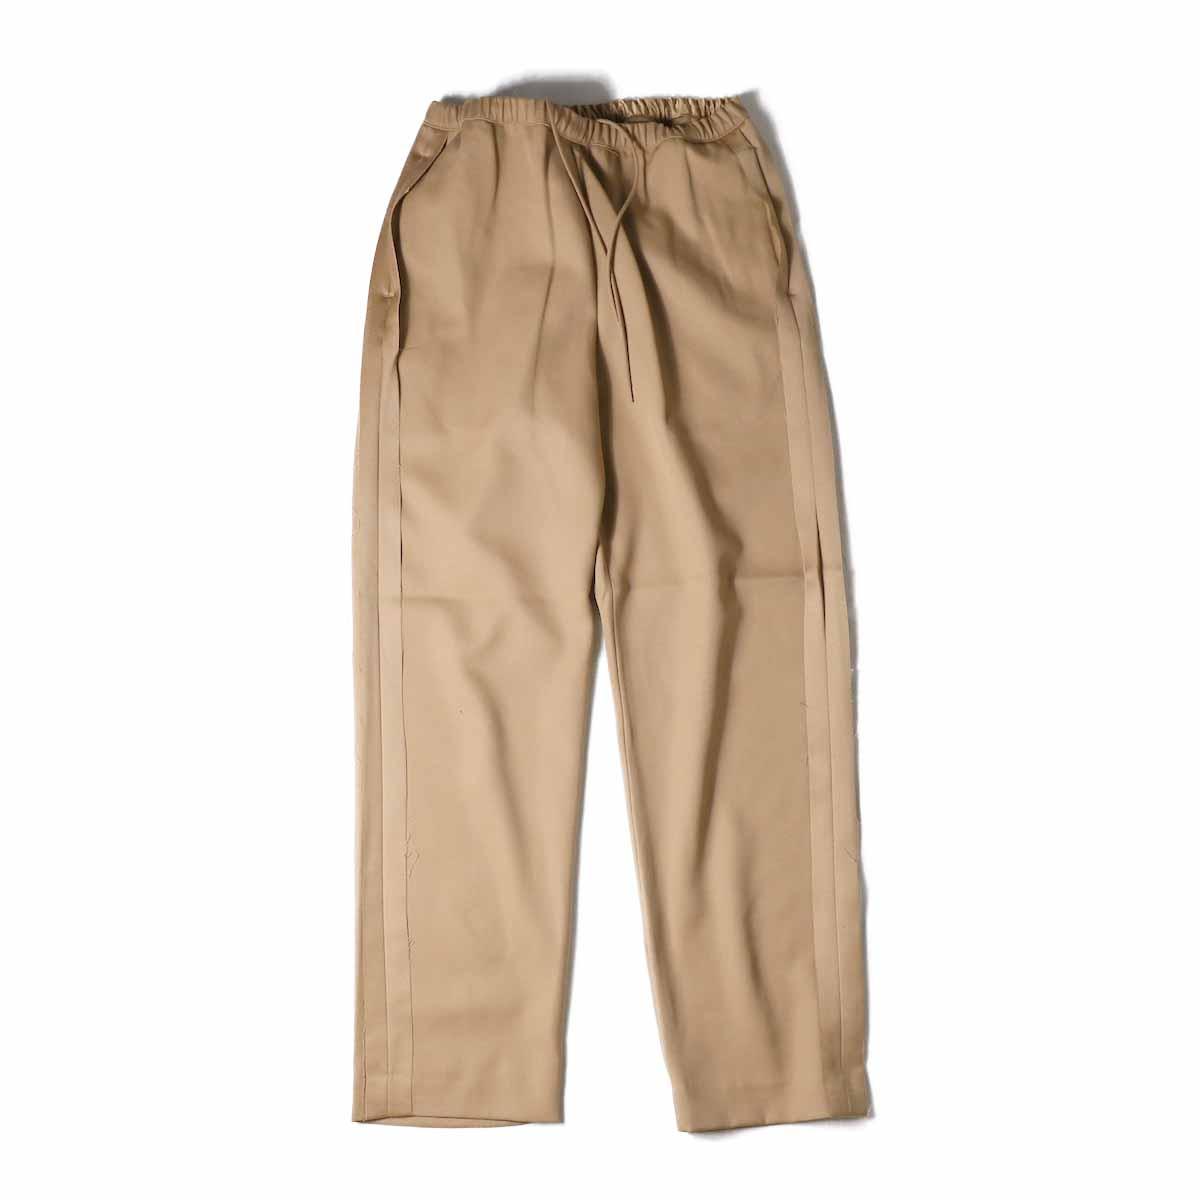 UNUSED / UW0689 Wool Easy Pant -CAMEL